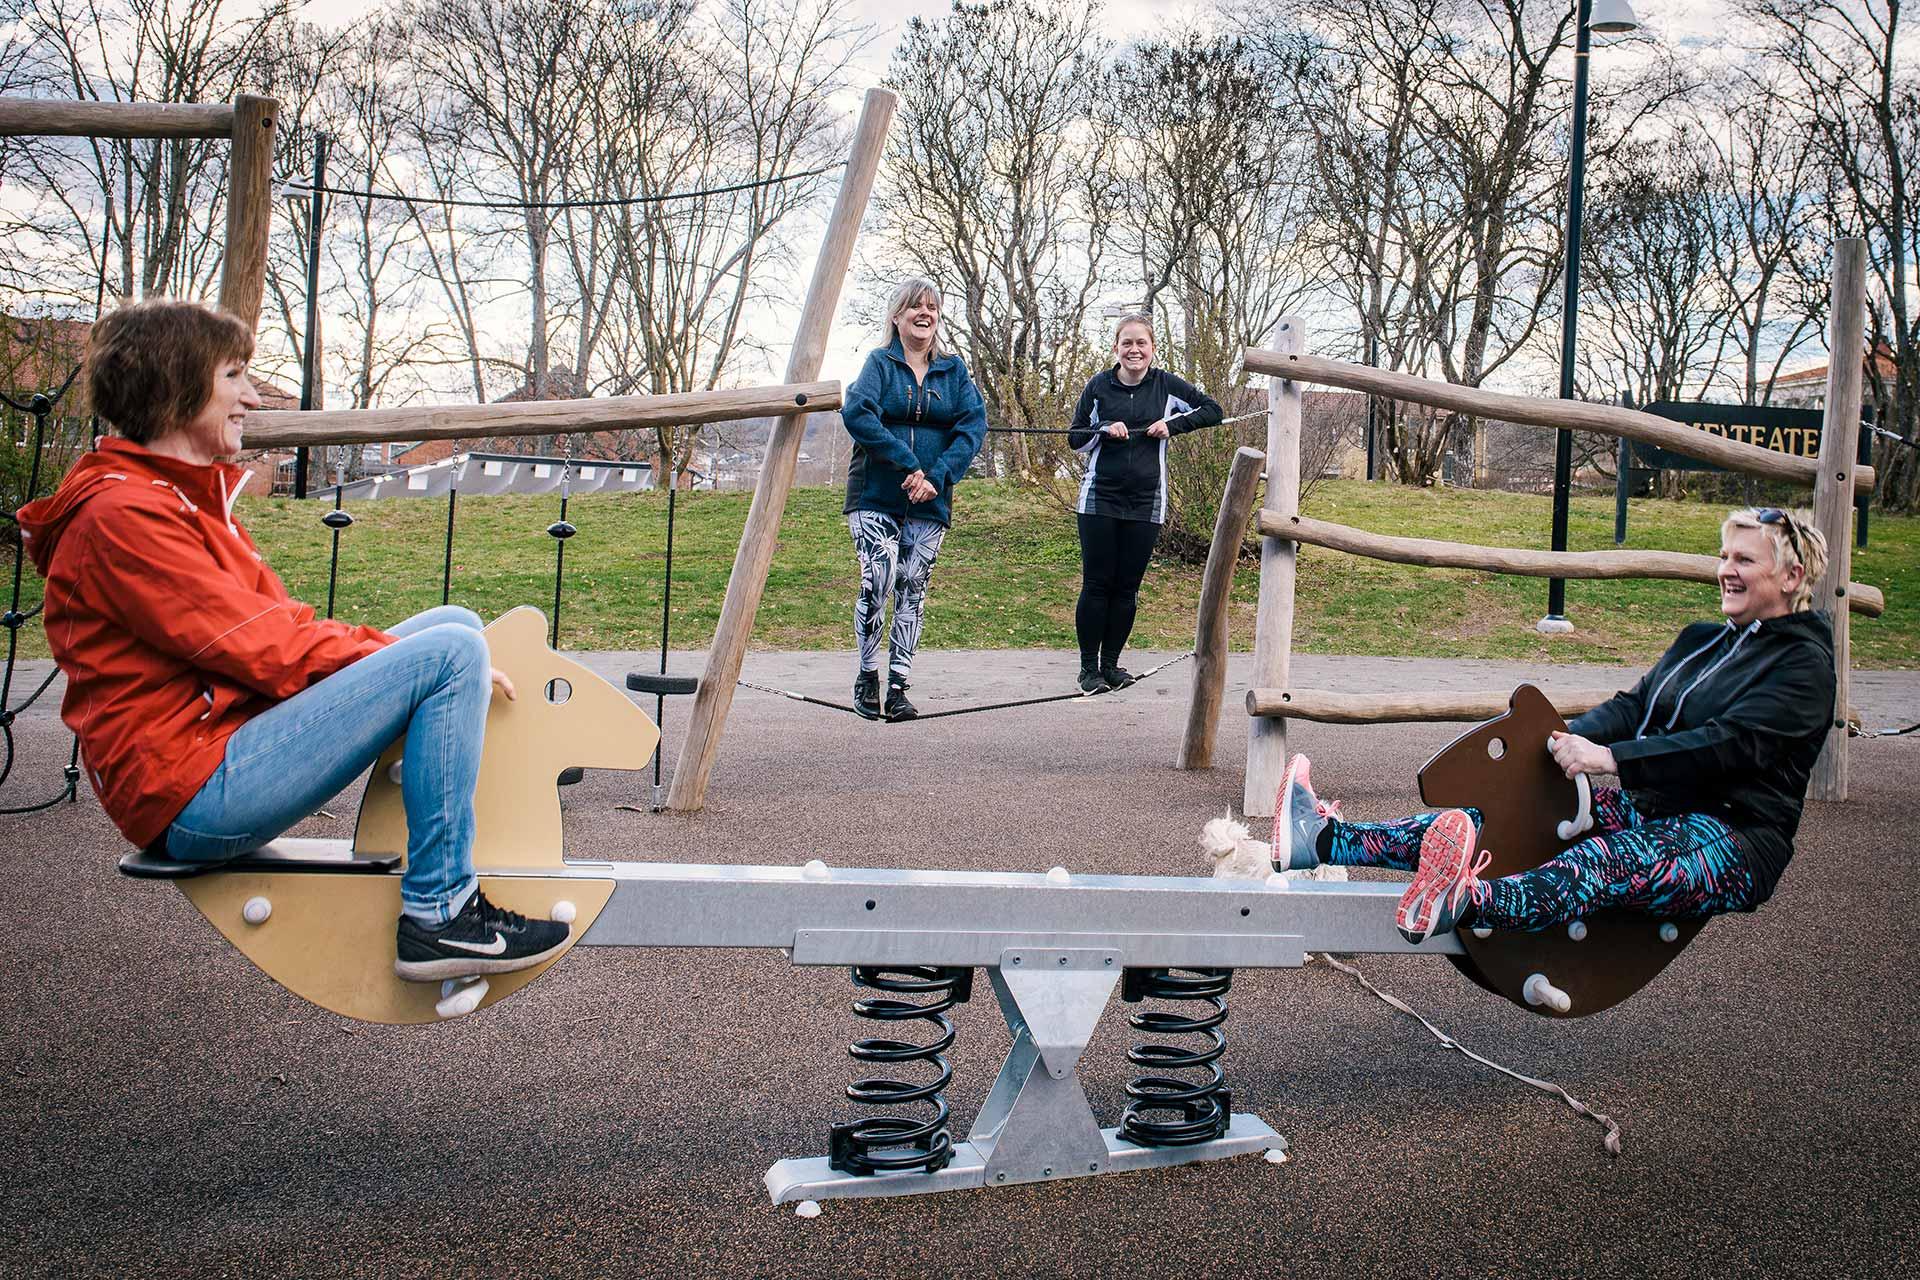 Lekplatsen Plantis ligger varmt om grannarnas lekfulla hjärta. Foto: Johan Pehrson